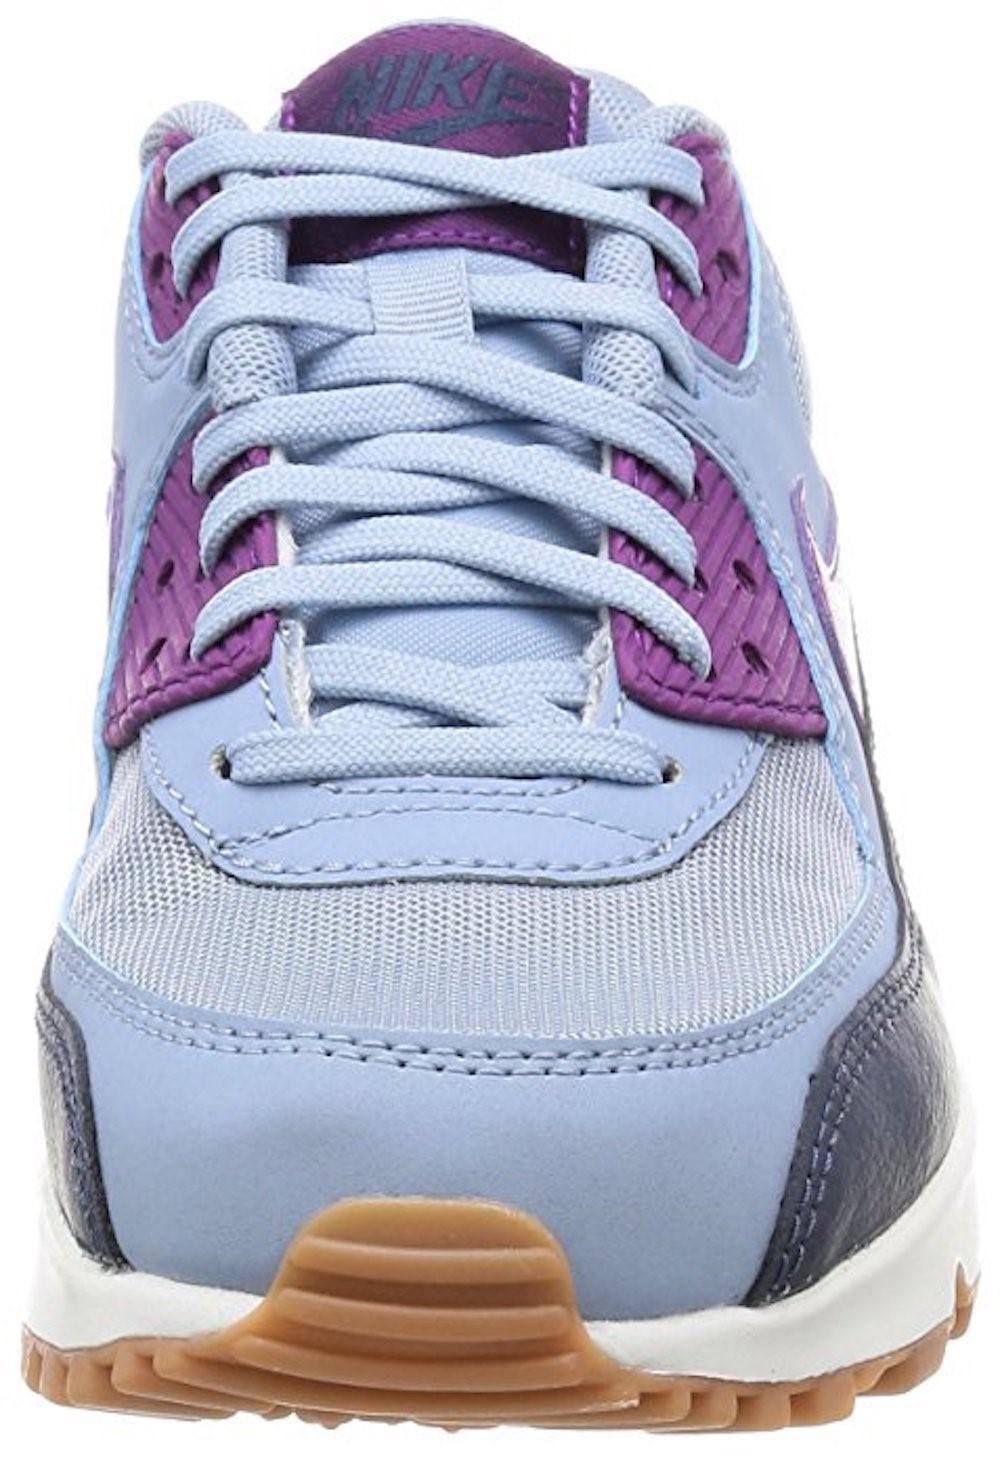 Nike Air Max 90 Essential Blue Grey Bright Grape | SneakerFiles